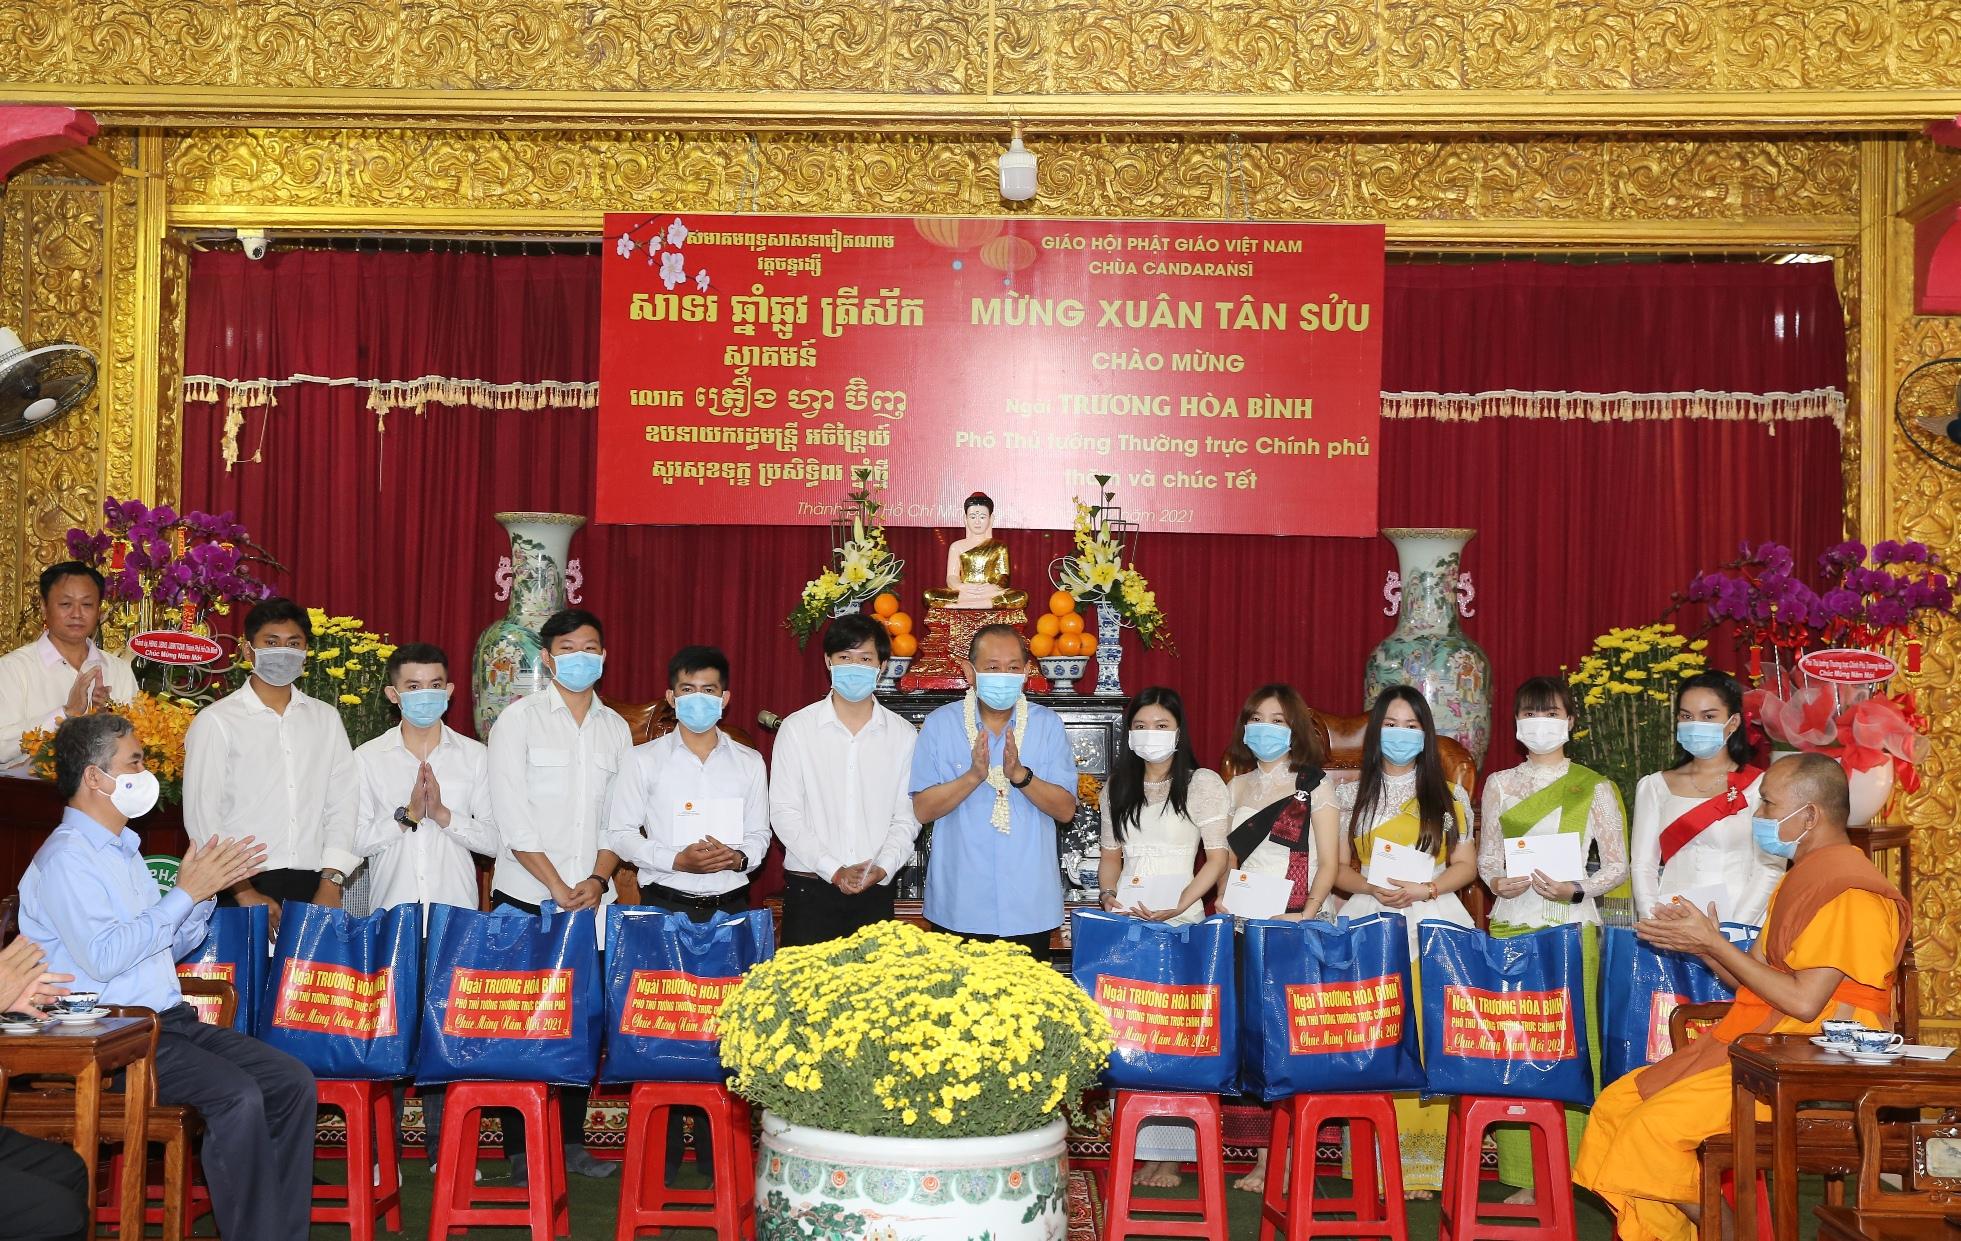 Phó Thủ tướng Thường trực Chính phủ Trương Hòa Bình trao học bổng và quà tết đến sinh viên Lào, Campuchia, Việt Nam. Ảnh: VGP/Mạnh Hùng